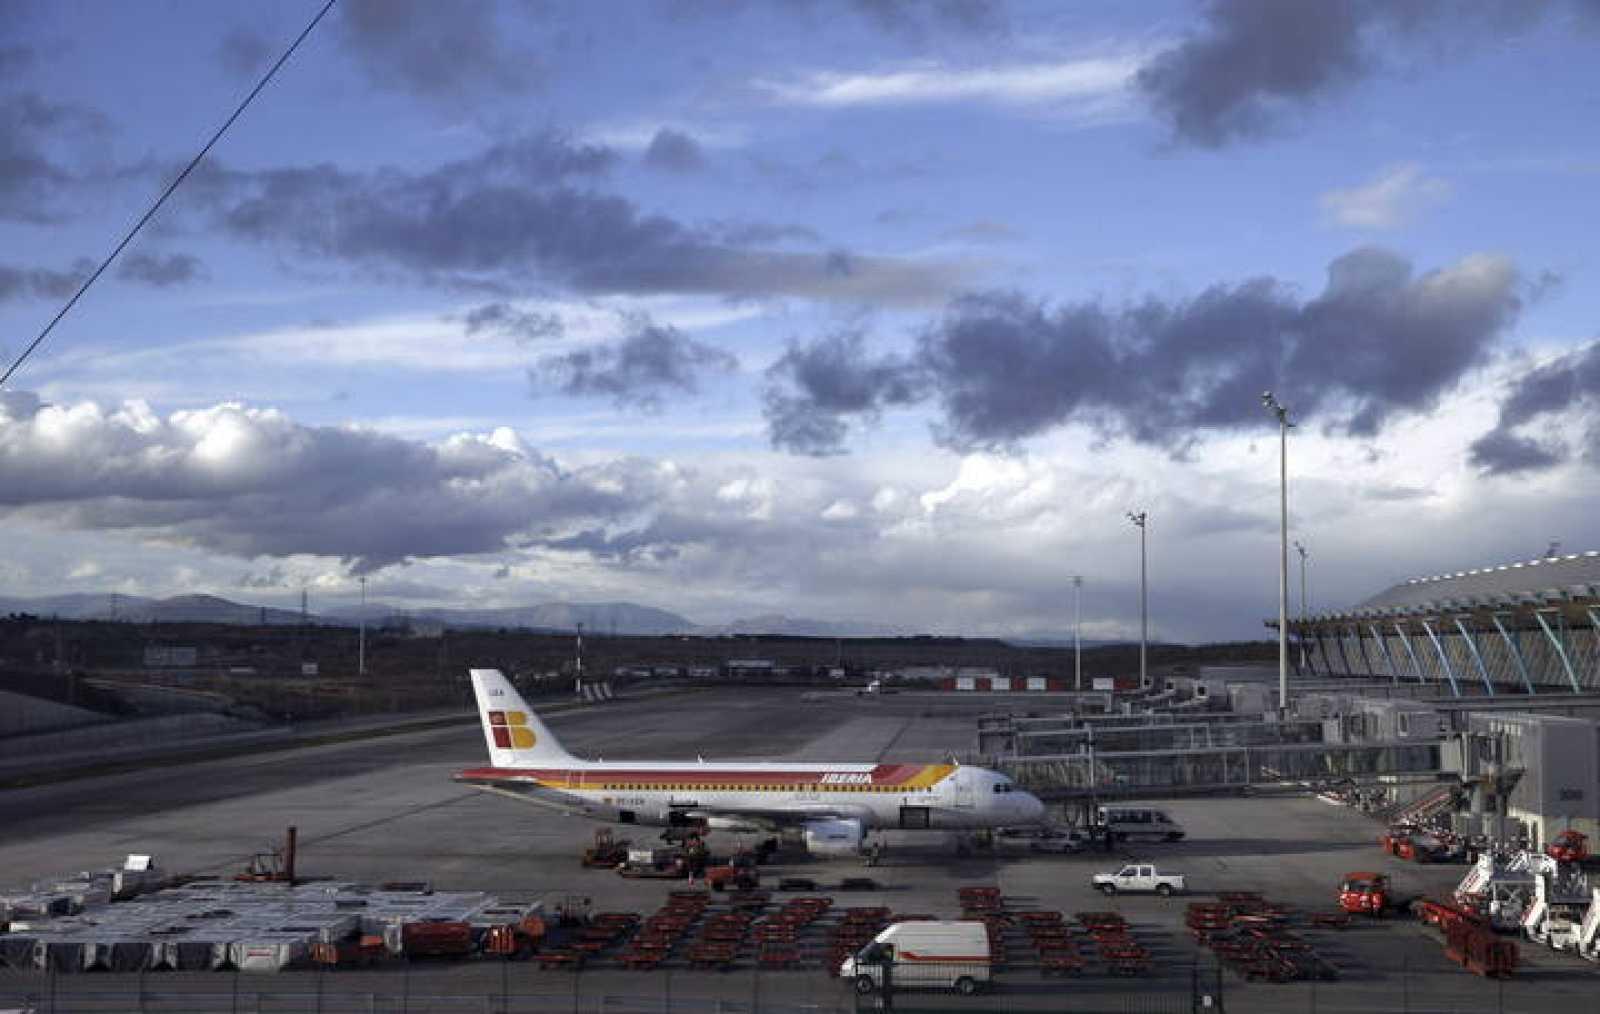 Vista del exterior de la Terminal T4 del aeropuerto de Madrid-Barajas